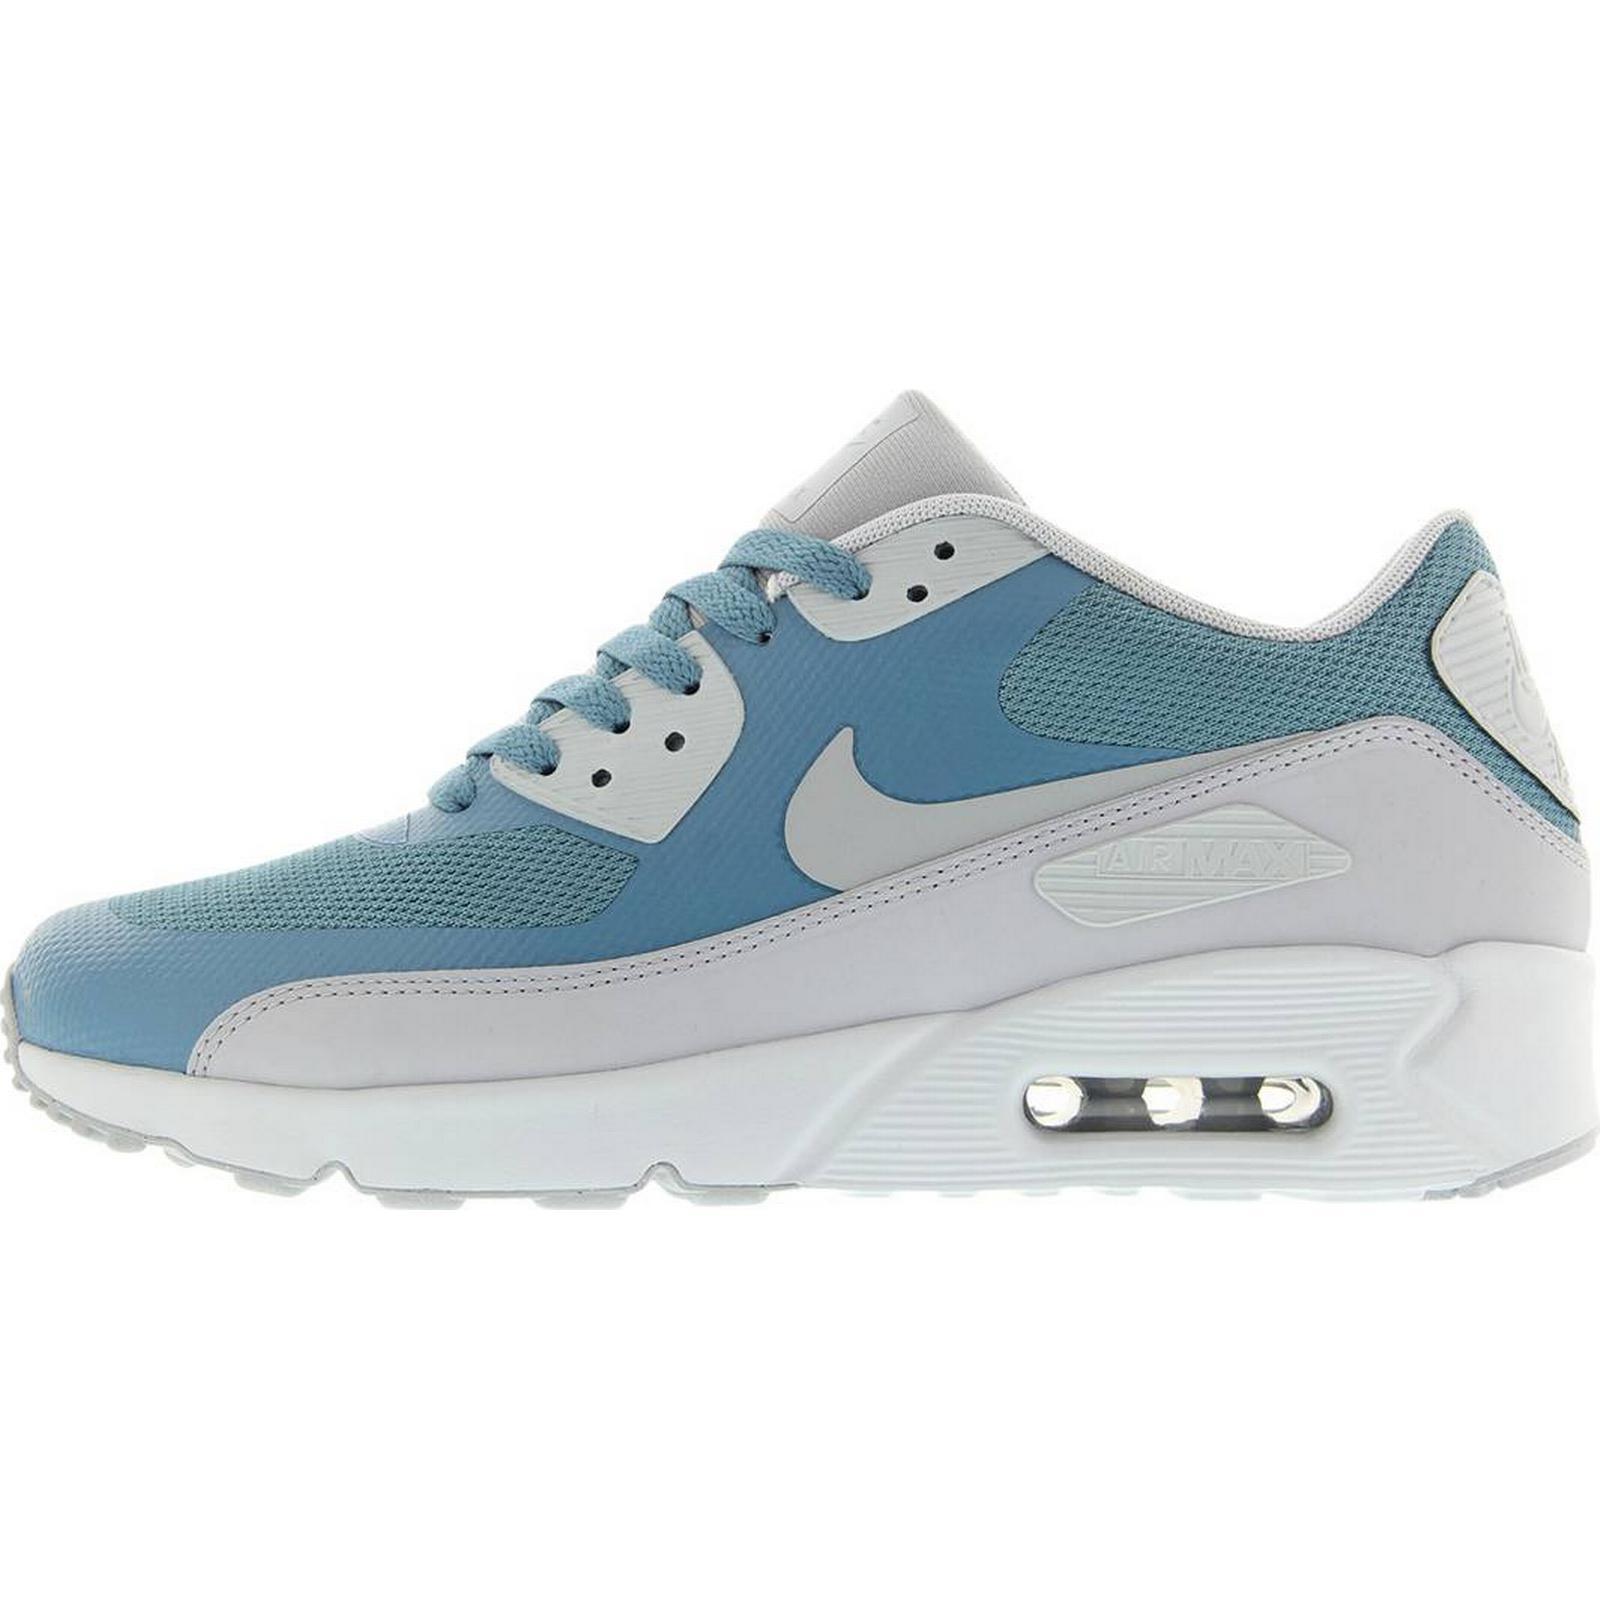 Nike Air Max - 90 Ultra 2.0 Essential - Max Blauw e4e568